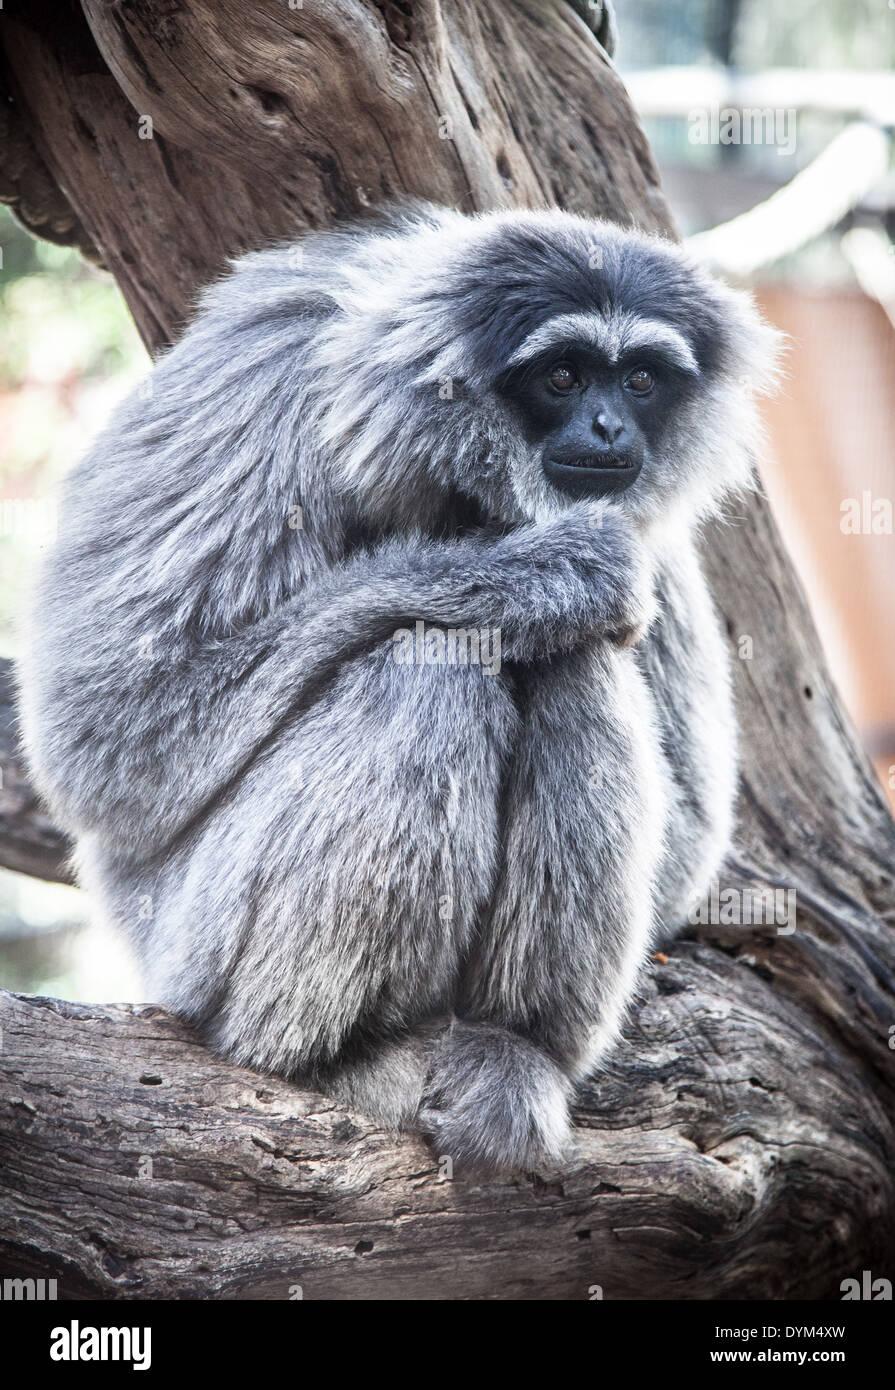 Ein niedergeschlagen aussehende silbrig Gibbon in einem zoo Stockfoto